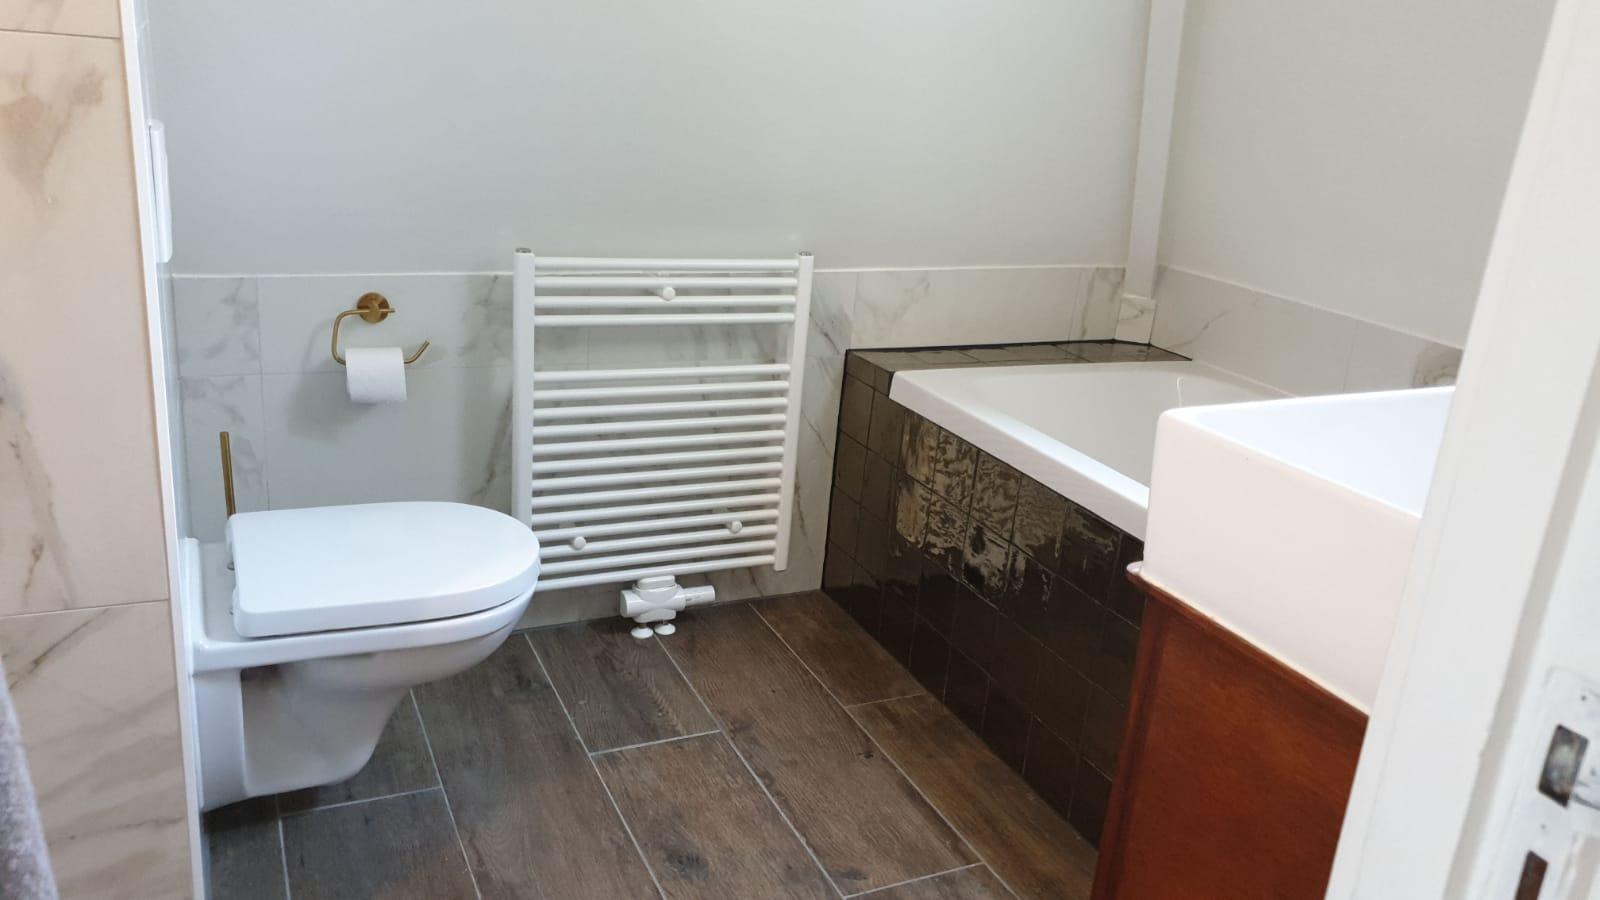 stuukwerk-in-de-badkamer-klusjesman-rotterdam